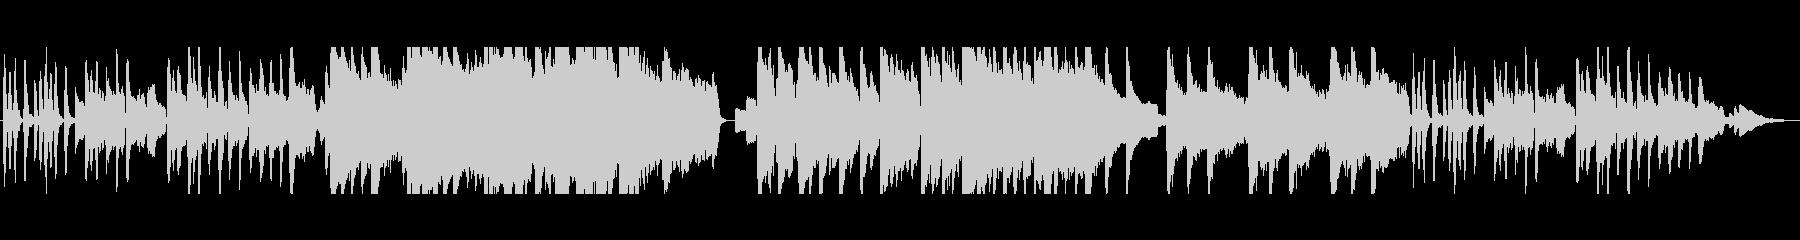 ファンタジーの街マップBGMの未再生の波形